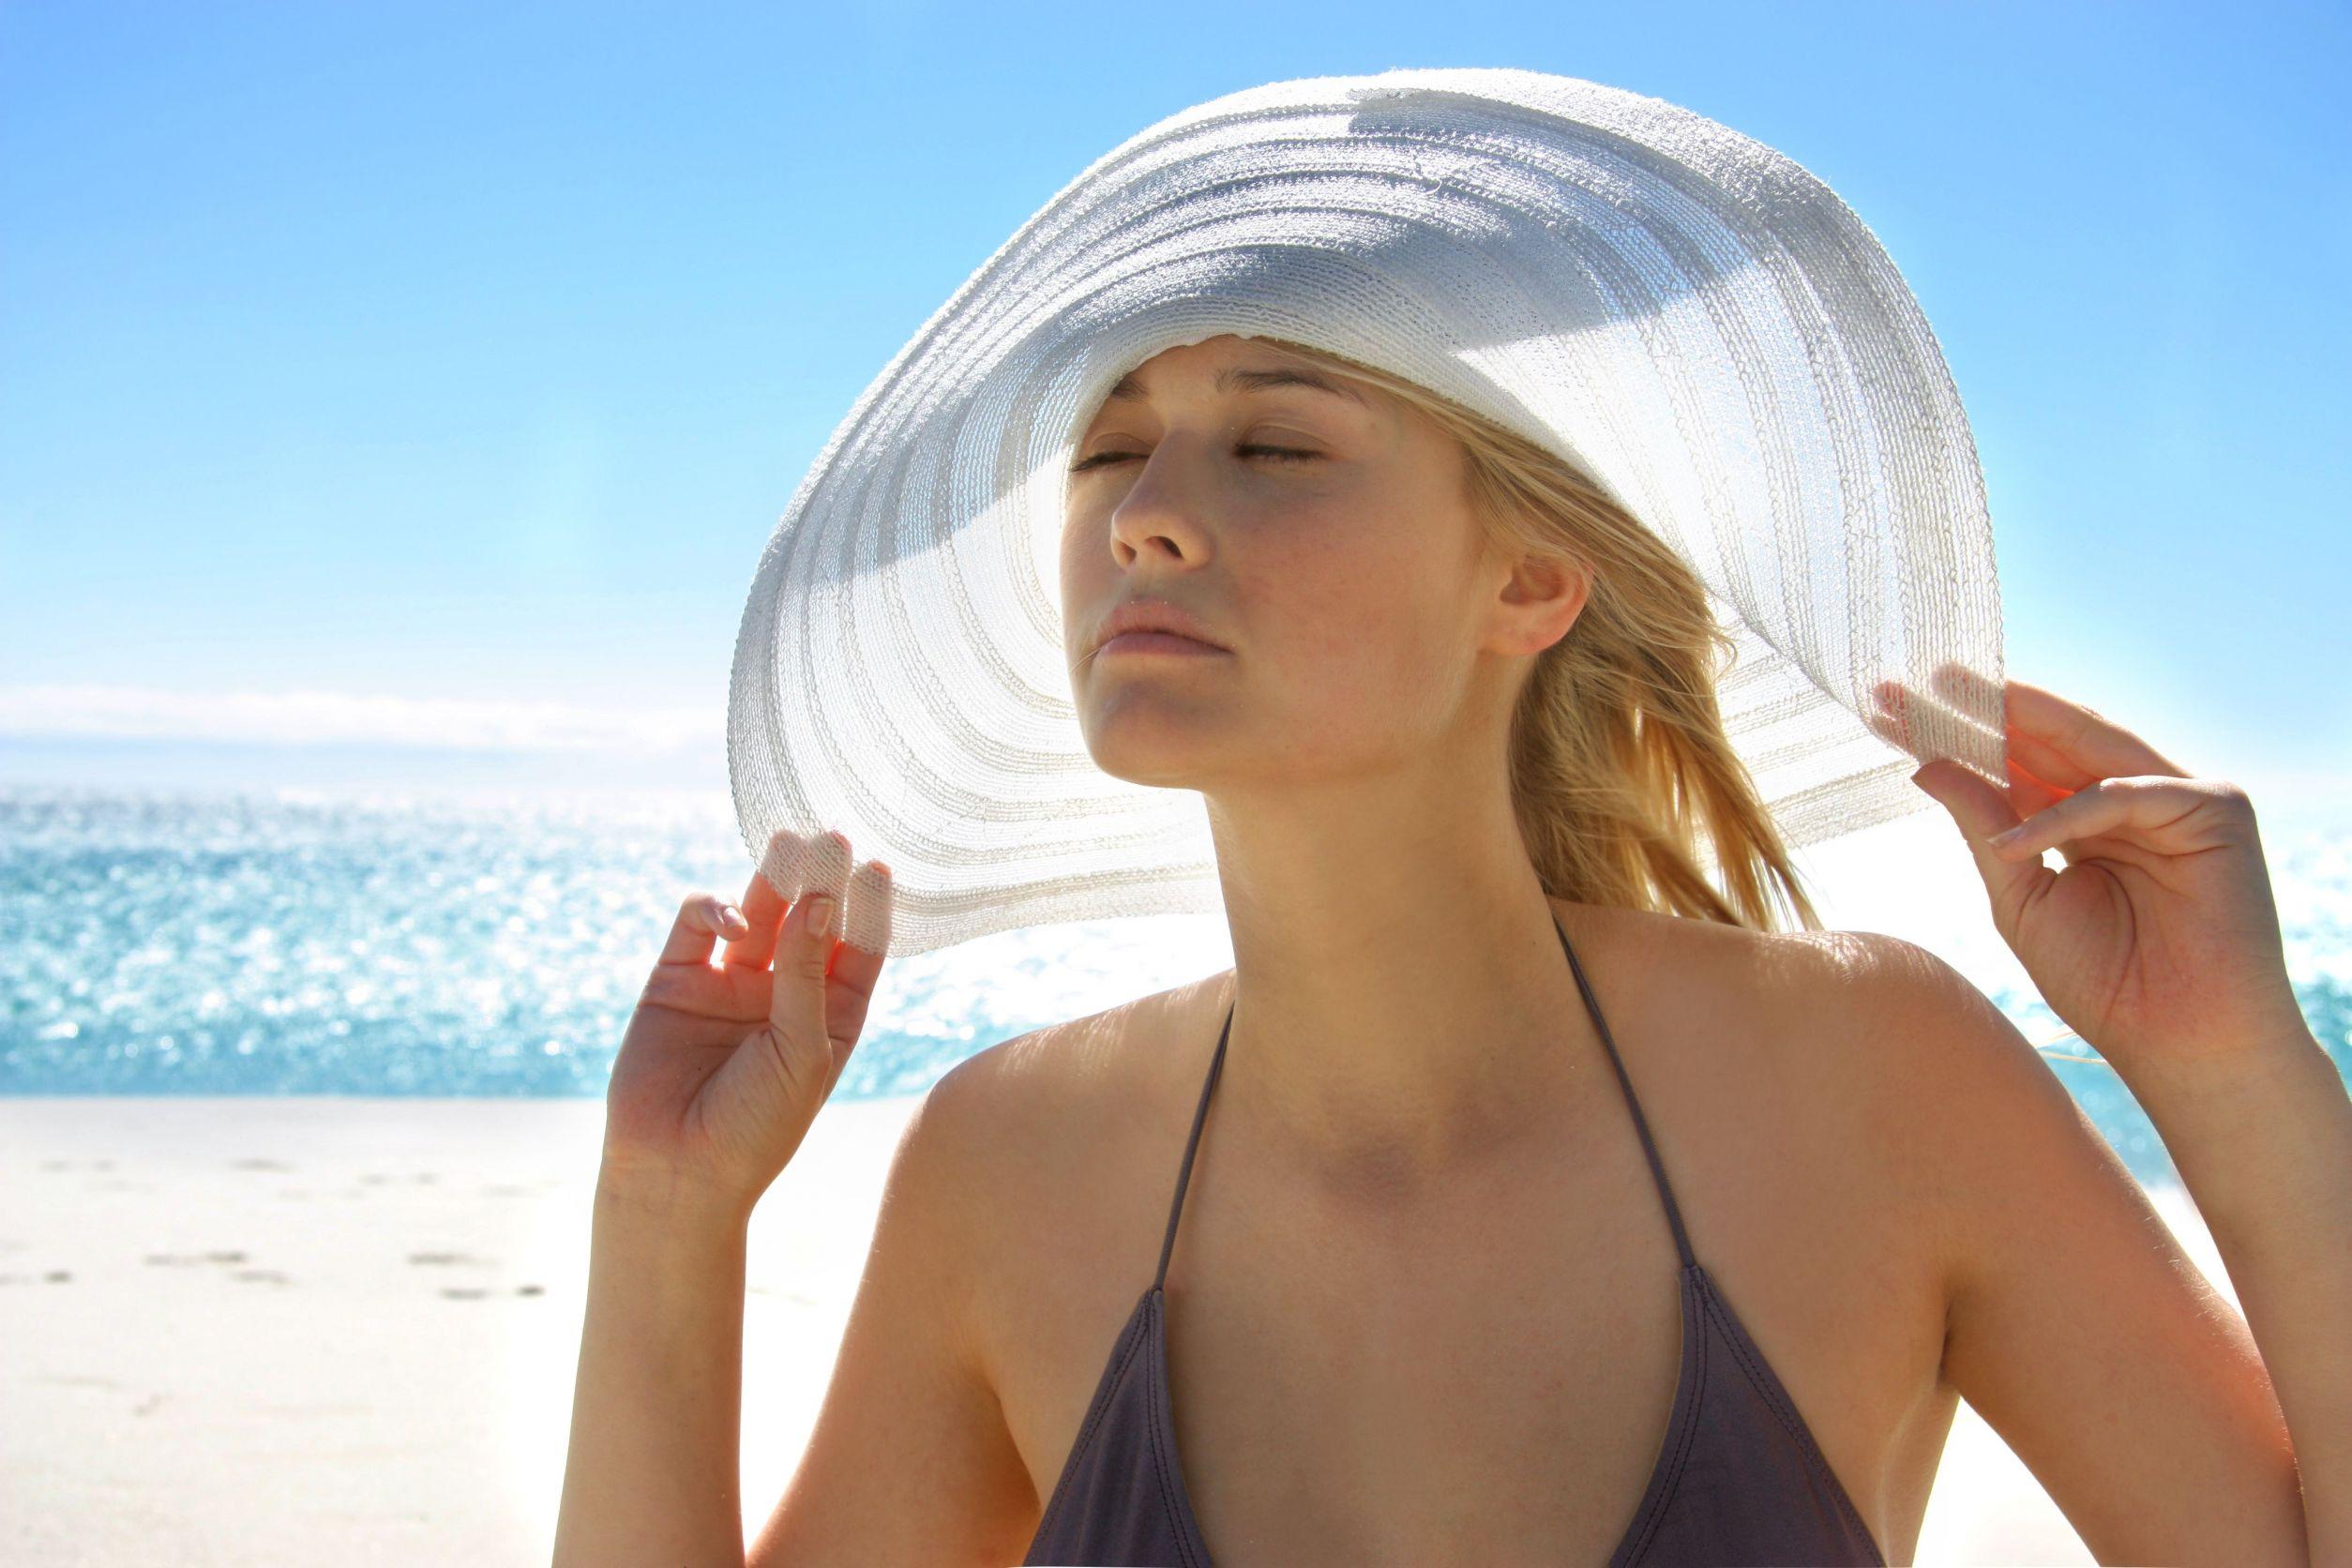 Ánh nắng mặt trời là một trong những nguyên nhân khiến da mỏng yếu